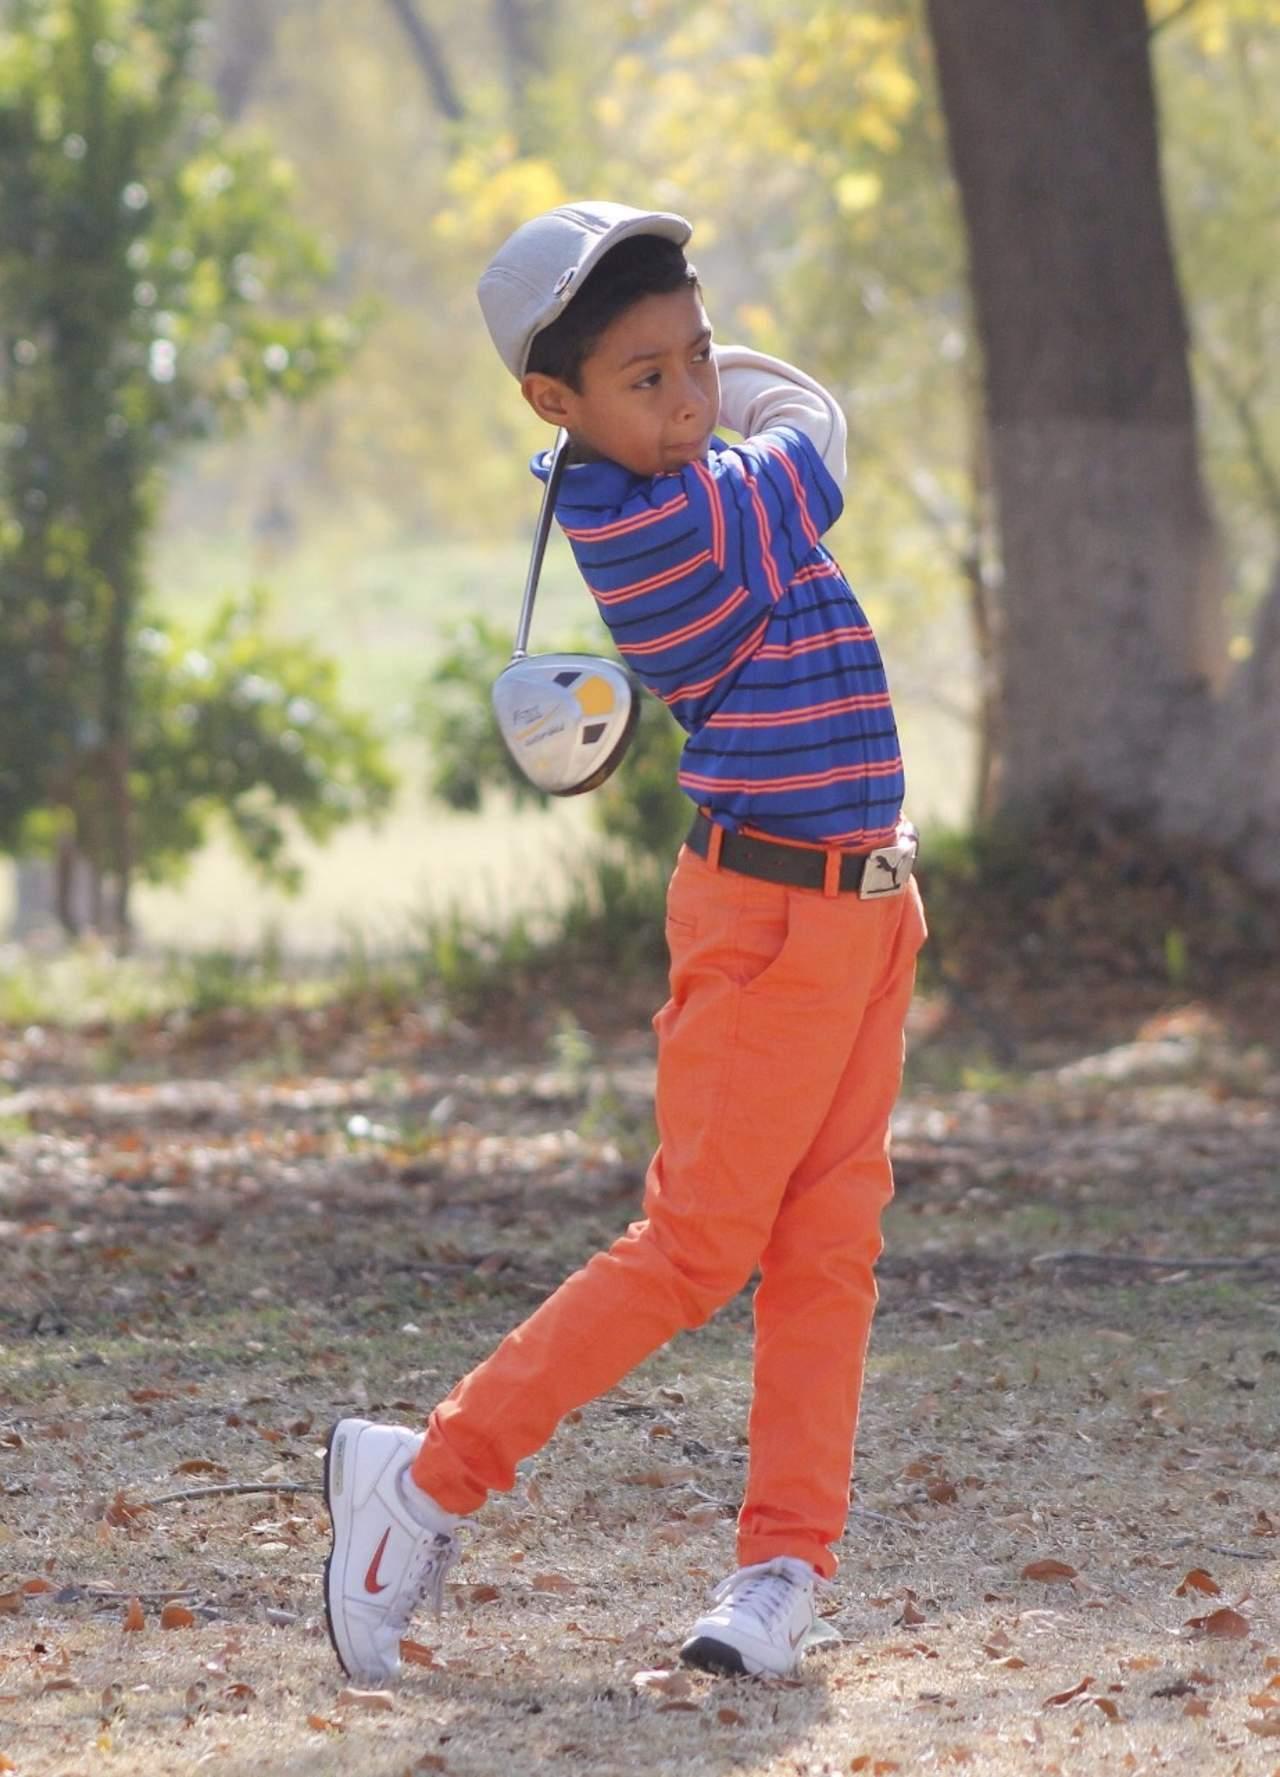 Clubes de golf para adolescentes Ram